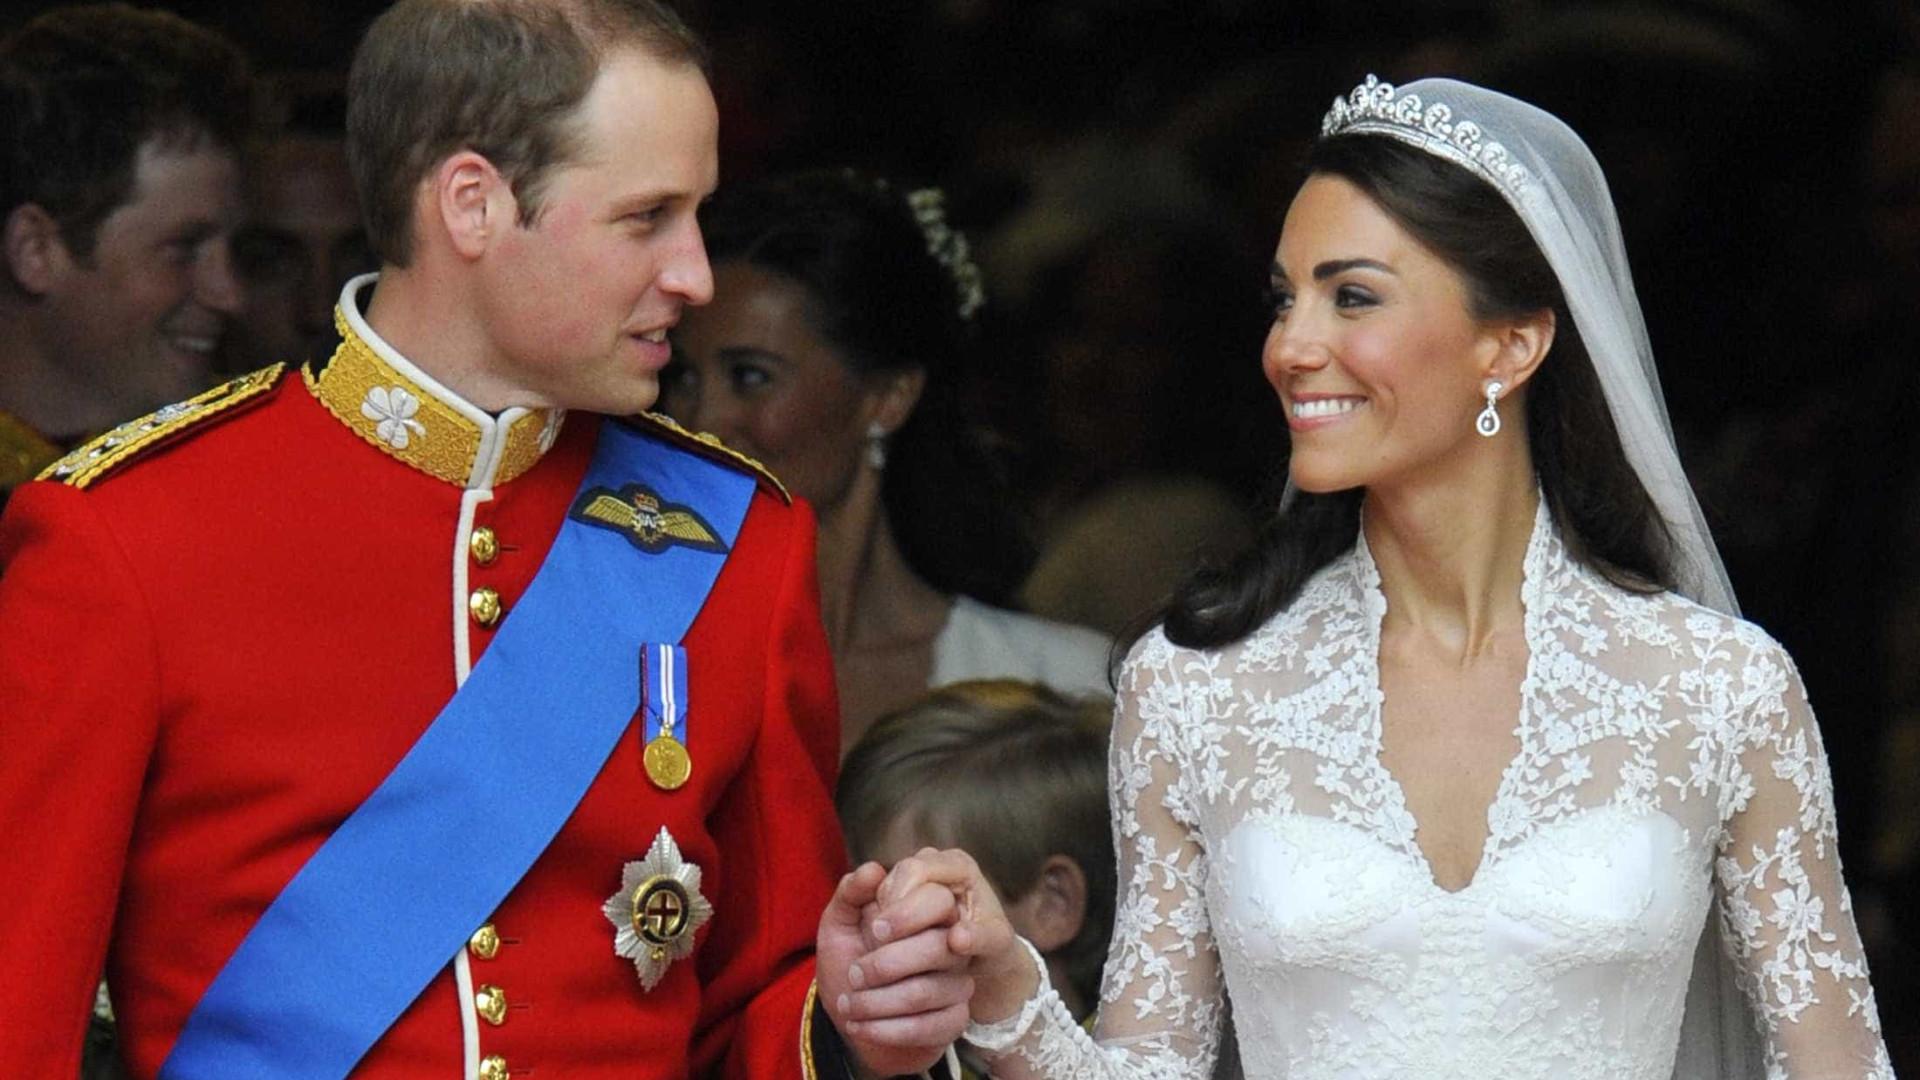 Porque é que William e Kate Middleton demoraram tanto tempo a casar?